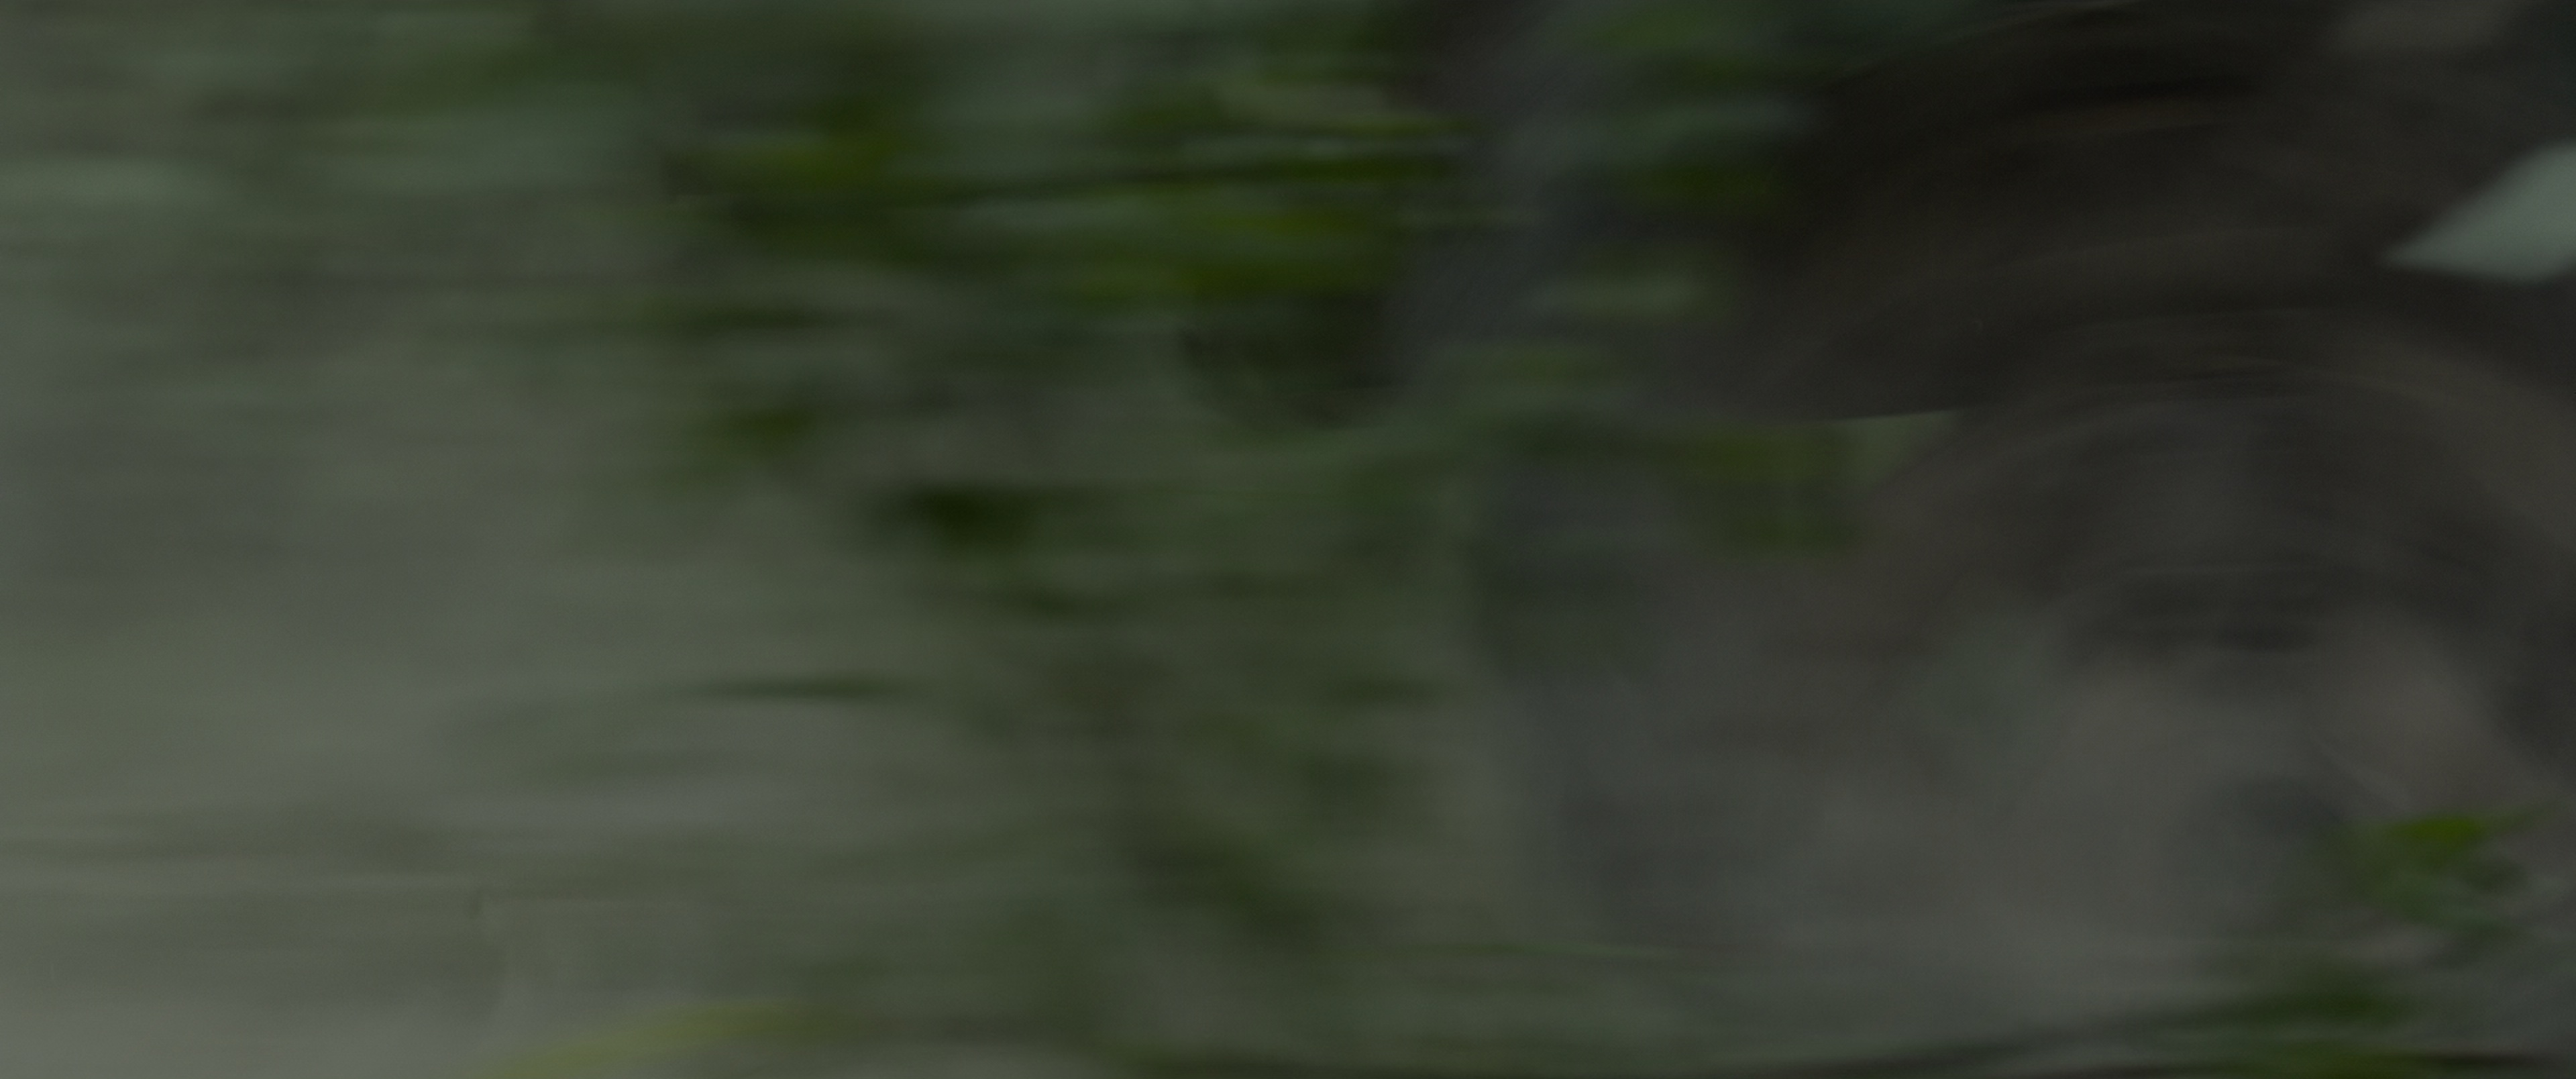 悠悠MP4_MP4电影下载_[门徒][BD-MKV/25.12GB][中文字幕][4K-2160P][HDR版本][H265编码][动作,杀手,美国,犯罪,女性,惊悚,剧情]